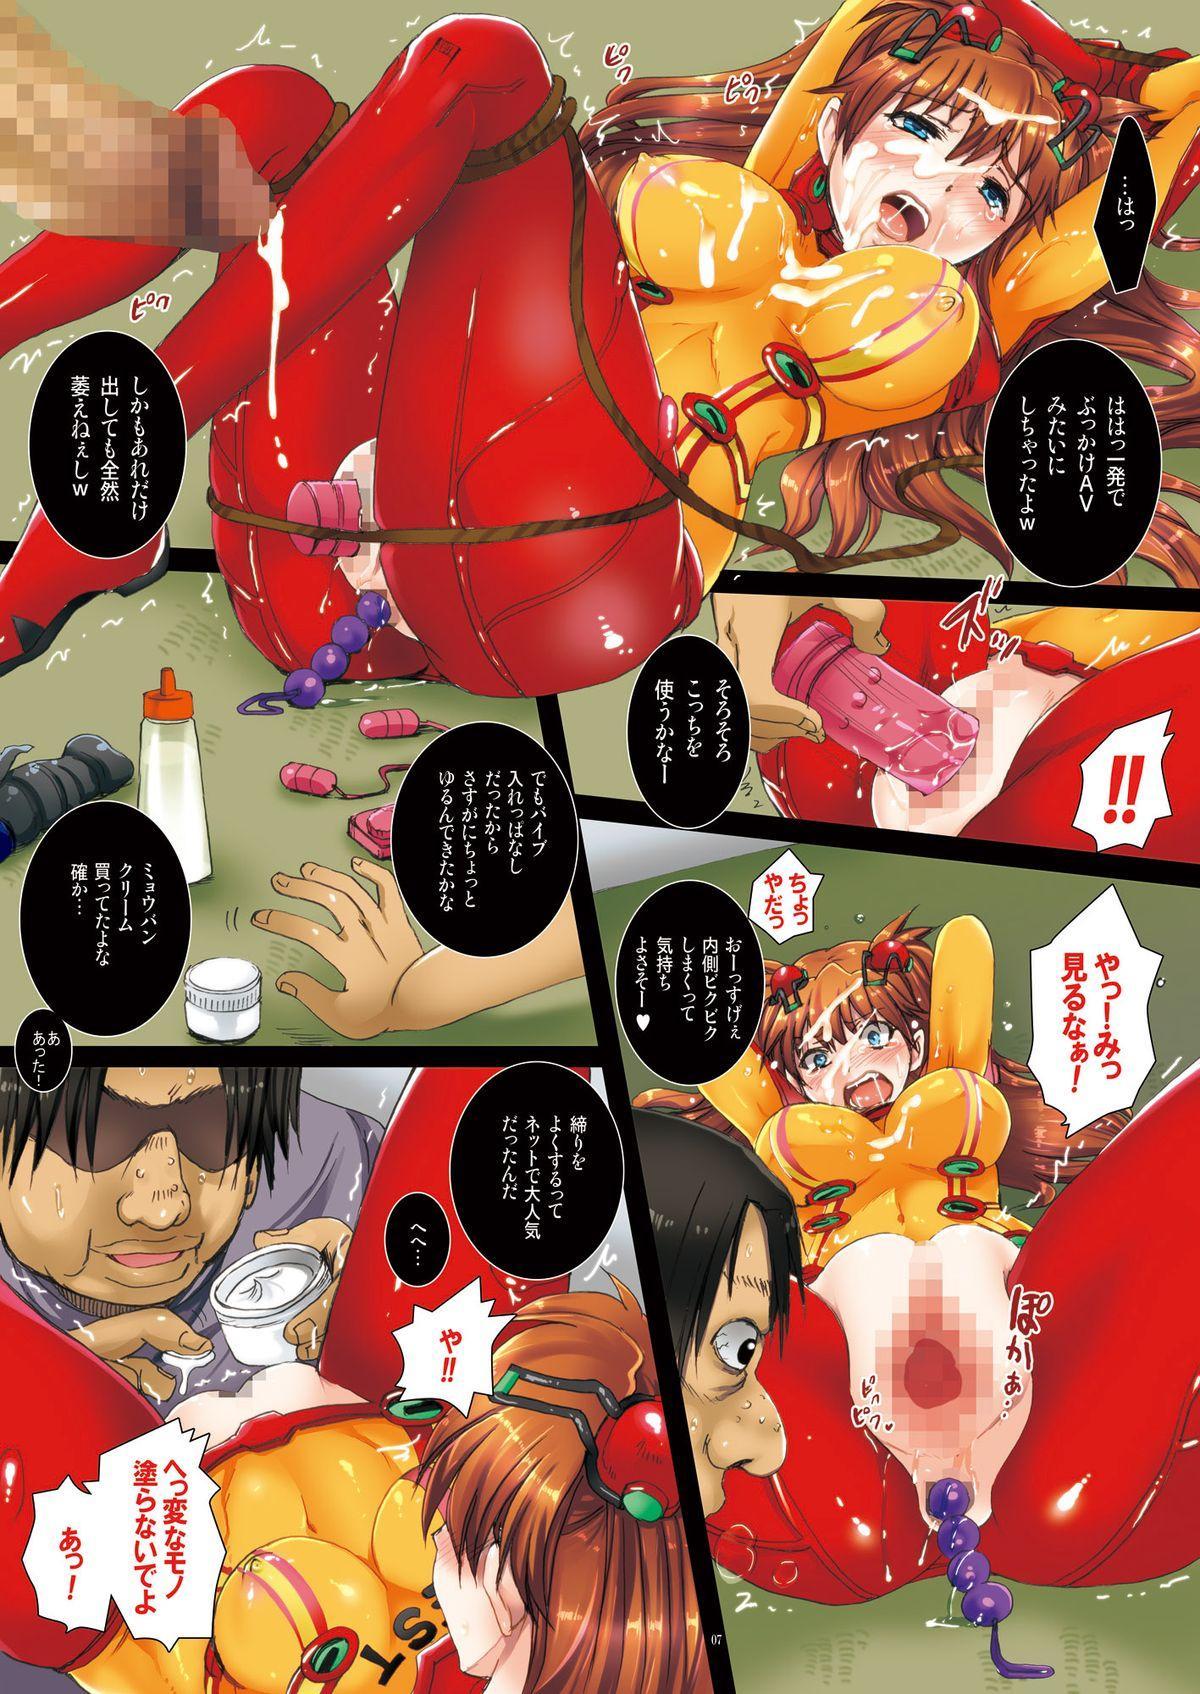 Rokujouma ni Asuka wo Kankin shite Tokunou OnaKin Jiru de Dorodoro ni Suru 6